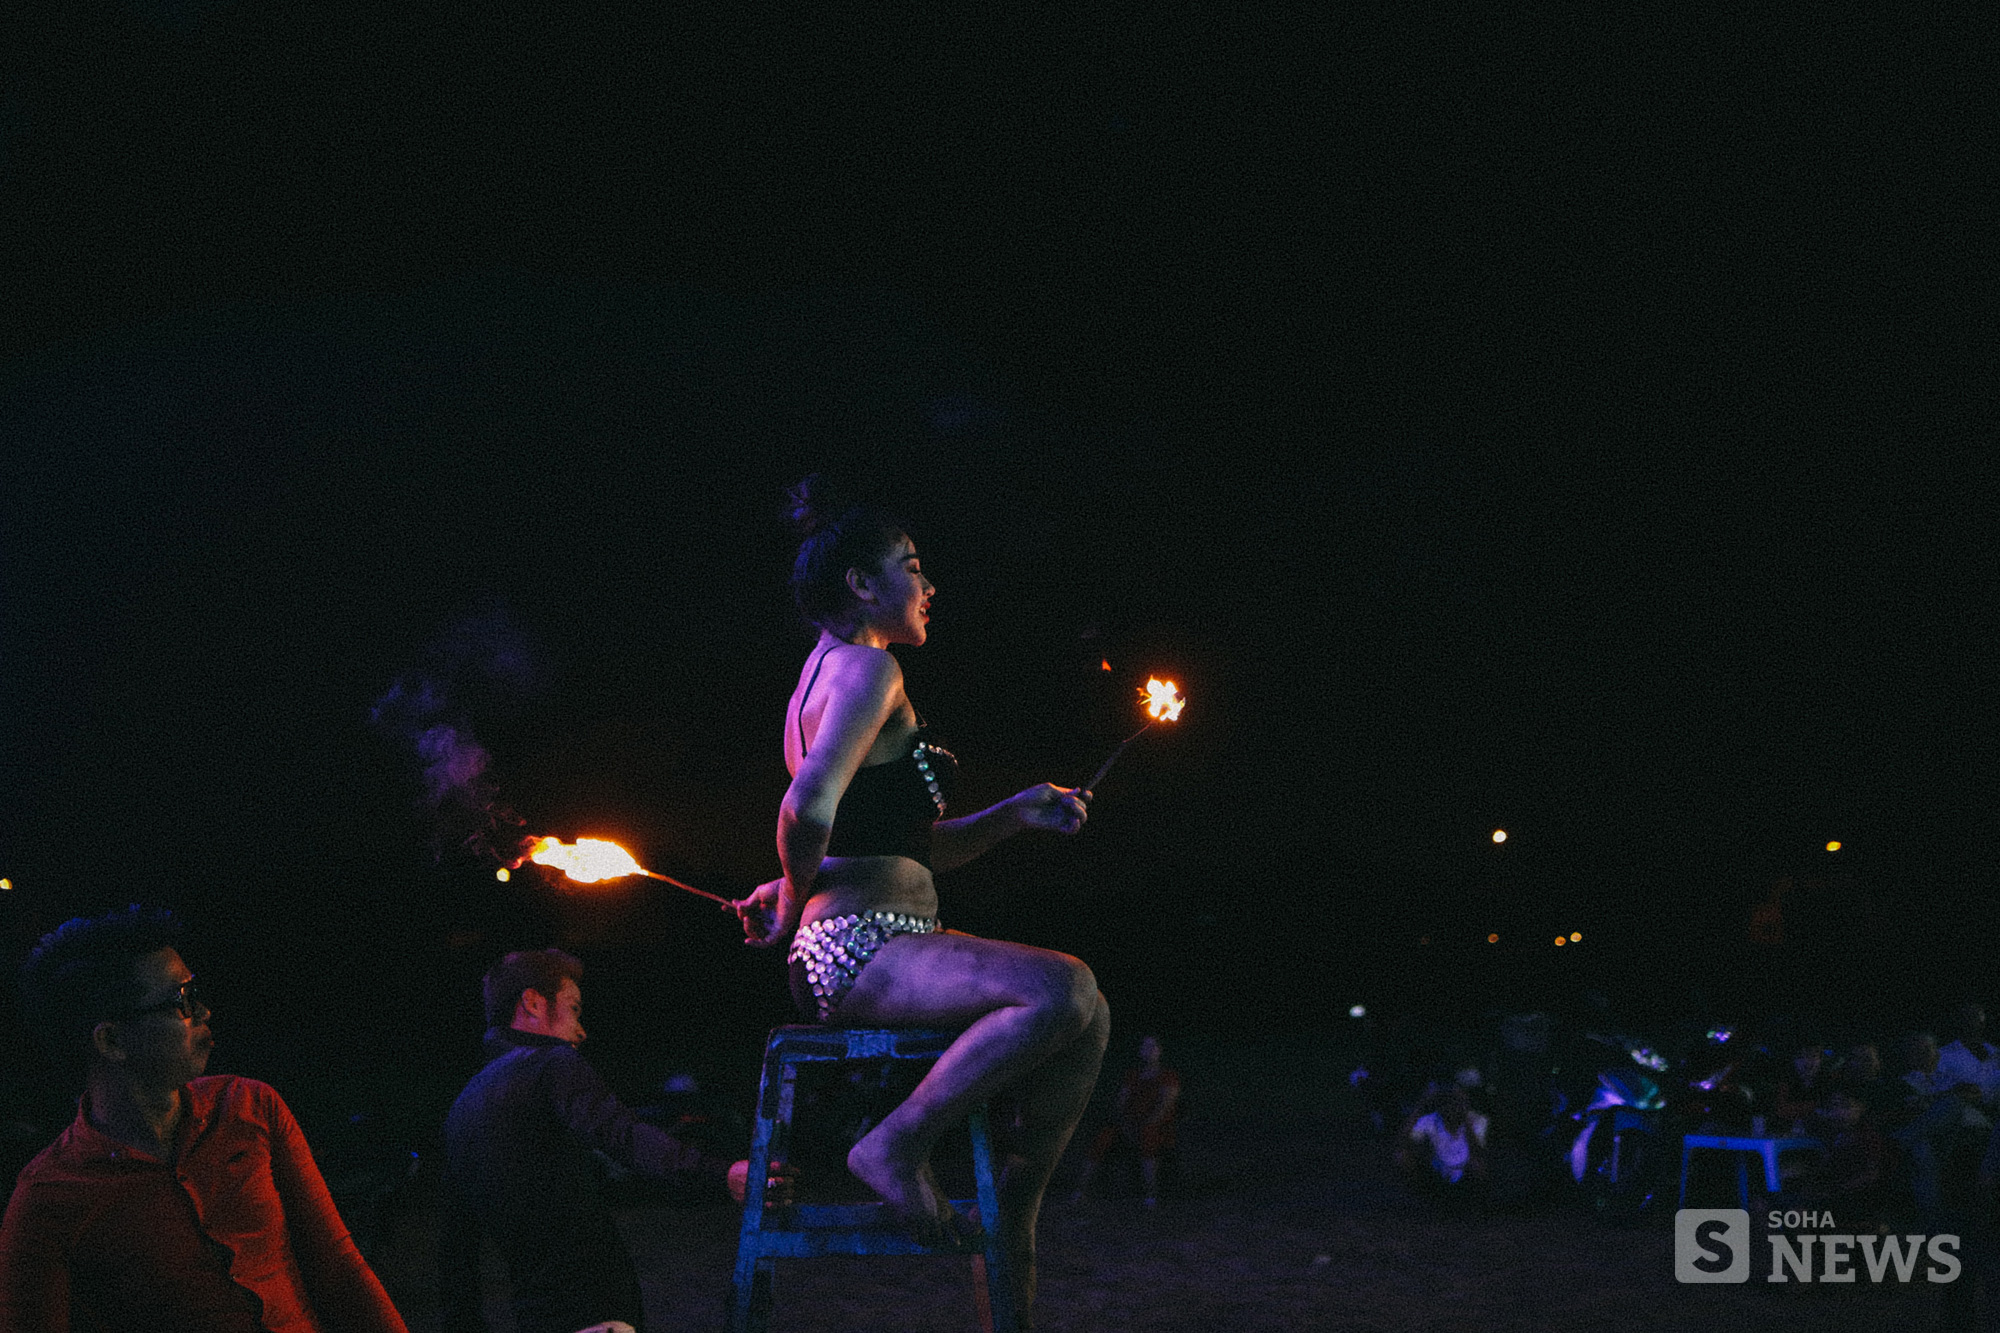 Cận cảnh phận Lô tô: Múa lửa, nhai than, lưỡi lam và góc tối cay đắng không dễ thấy! - Ảnh 11.